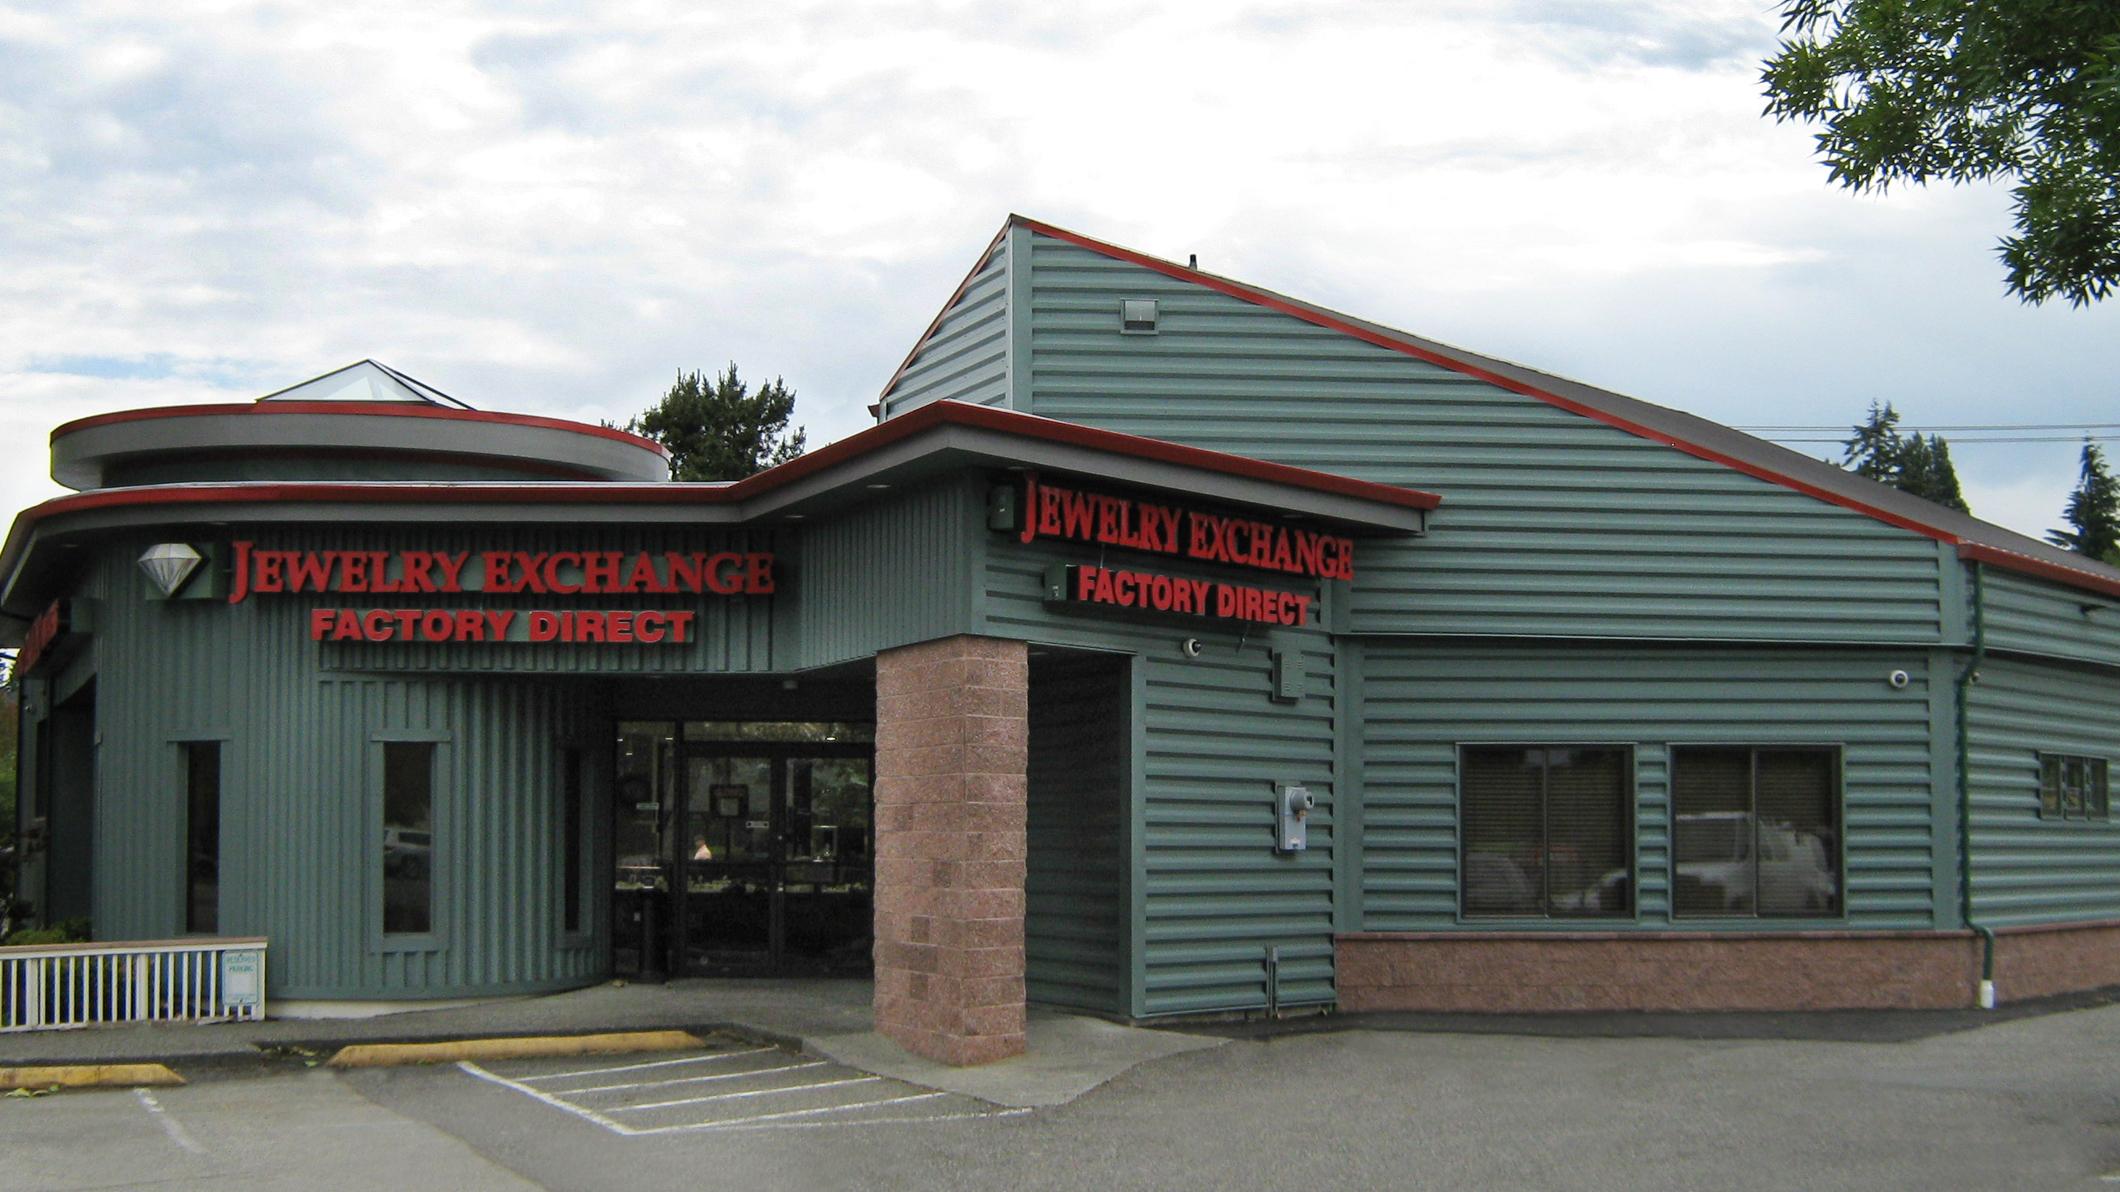 The Jewelry Exchange - Renton, WA